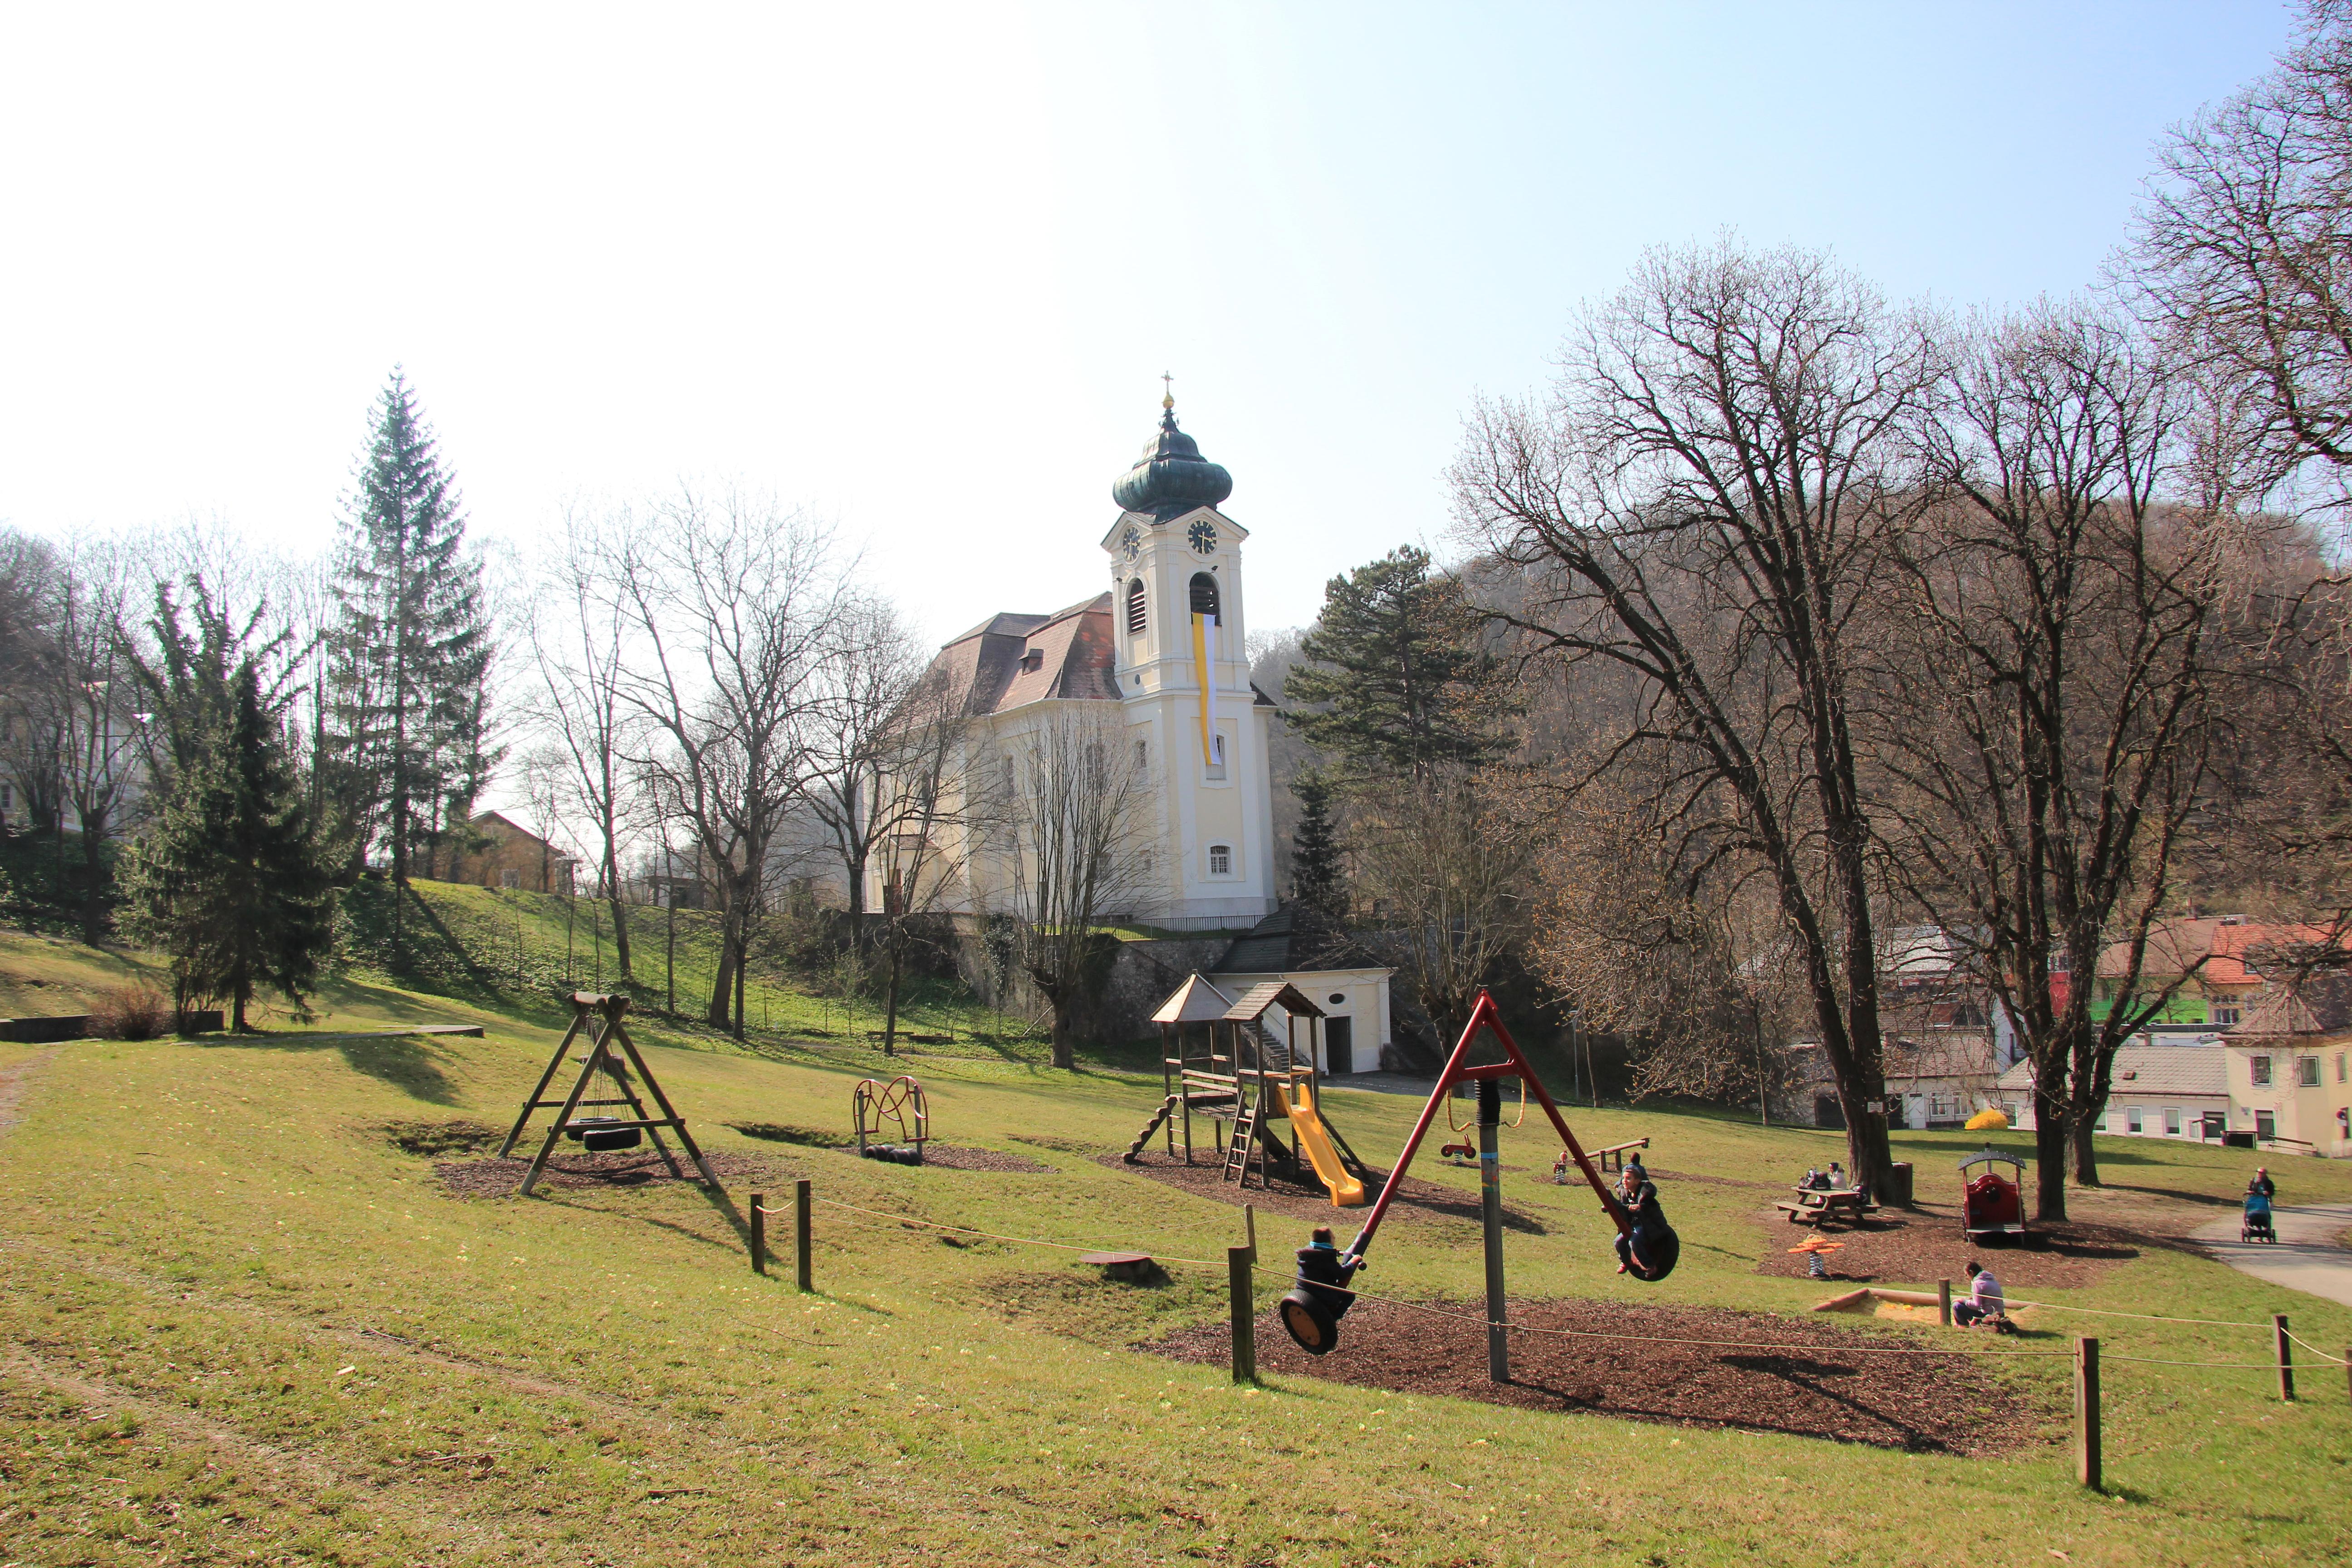 Marktgemeinde Kaltenleutgeben - Home - Freizeit & Tourismus